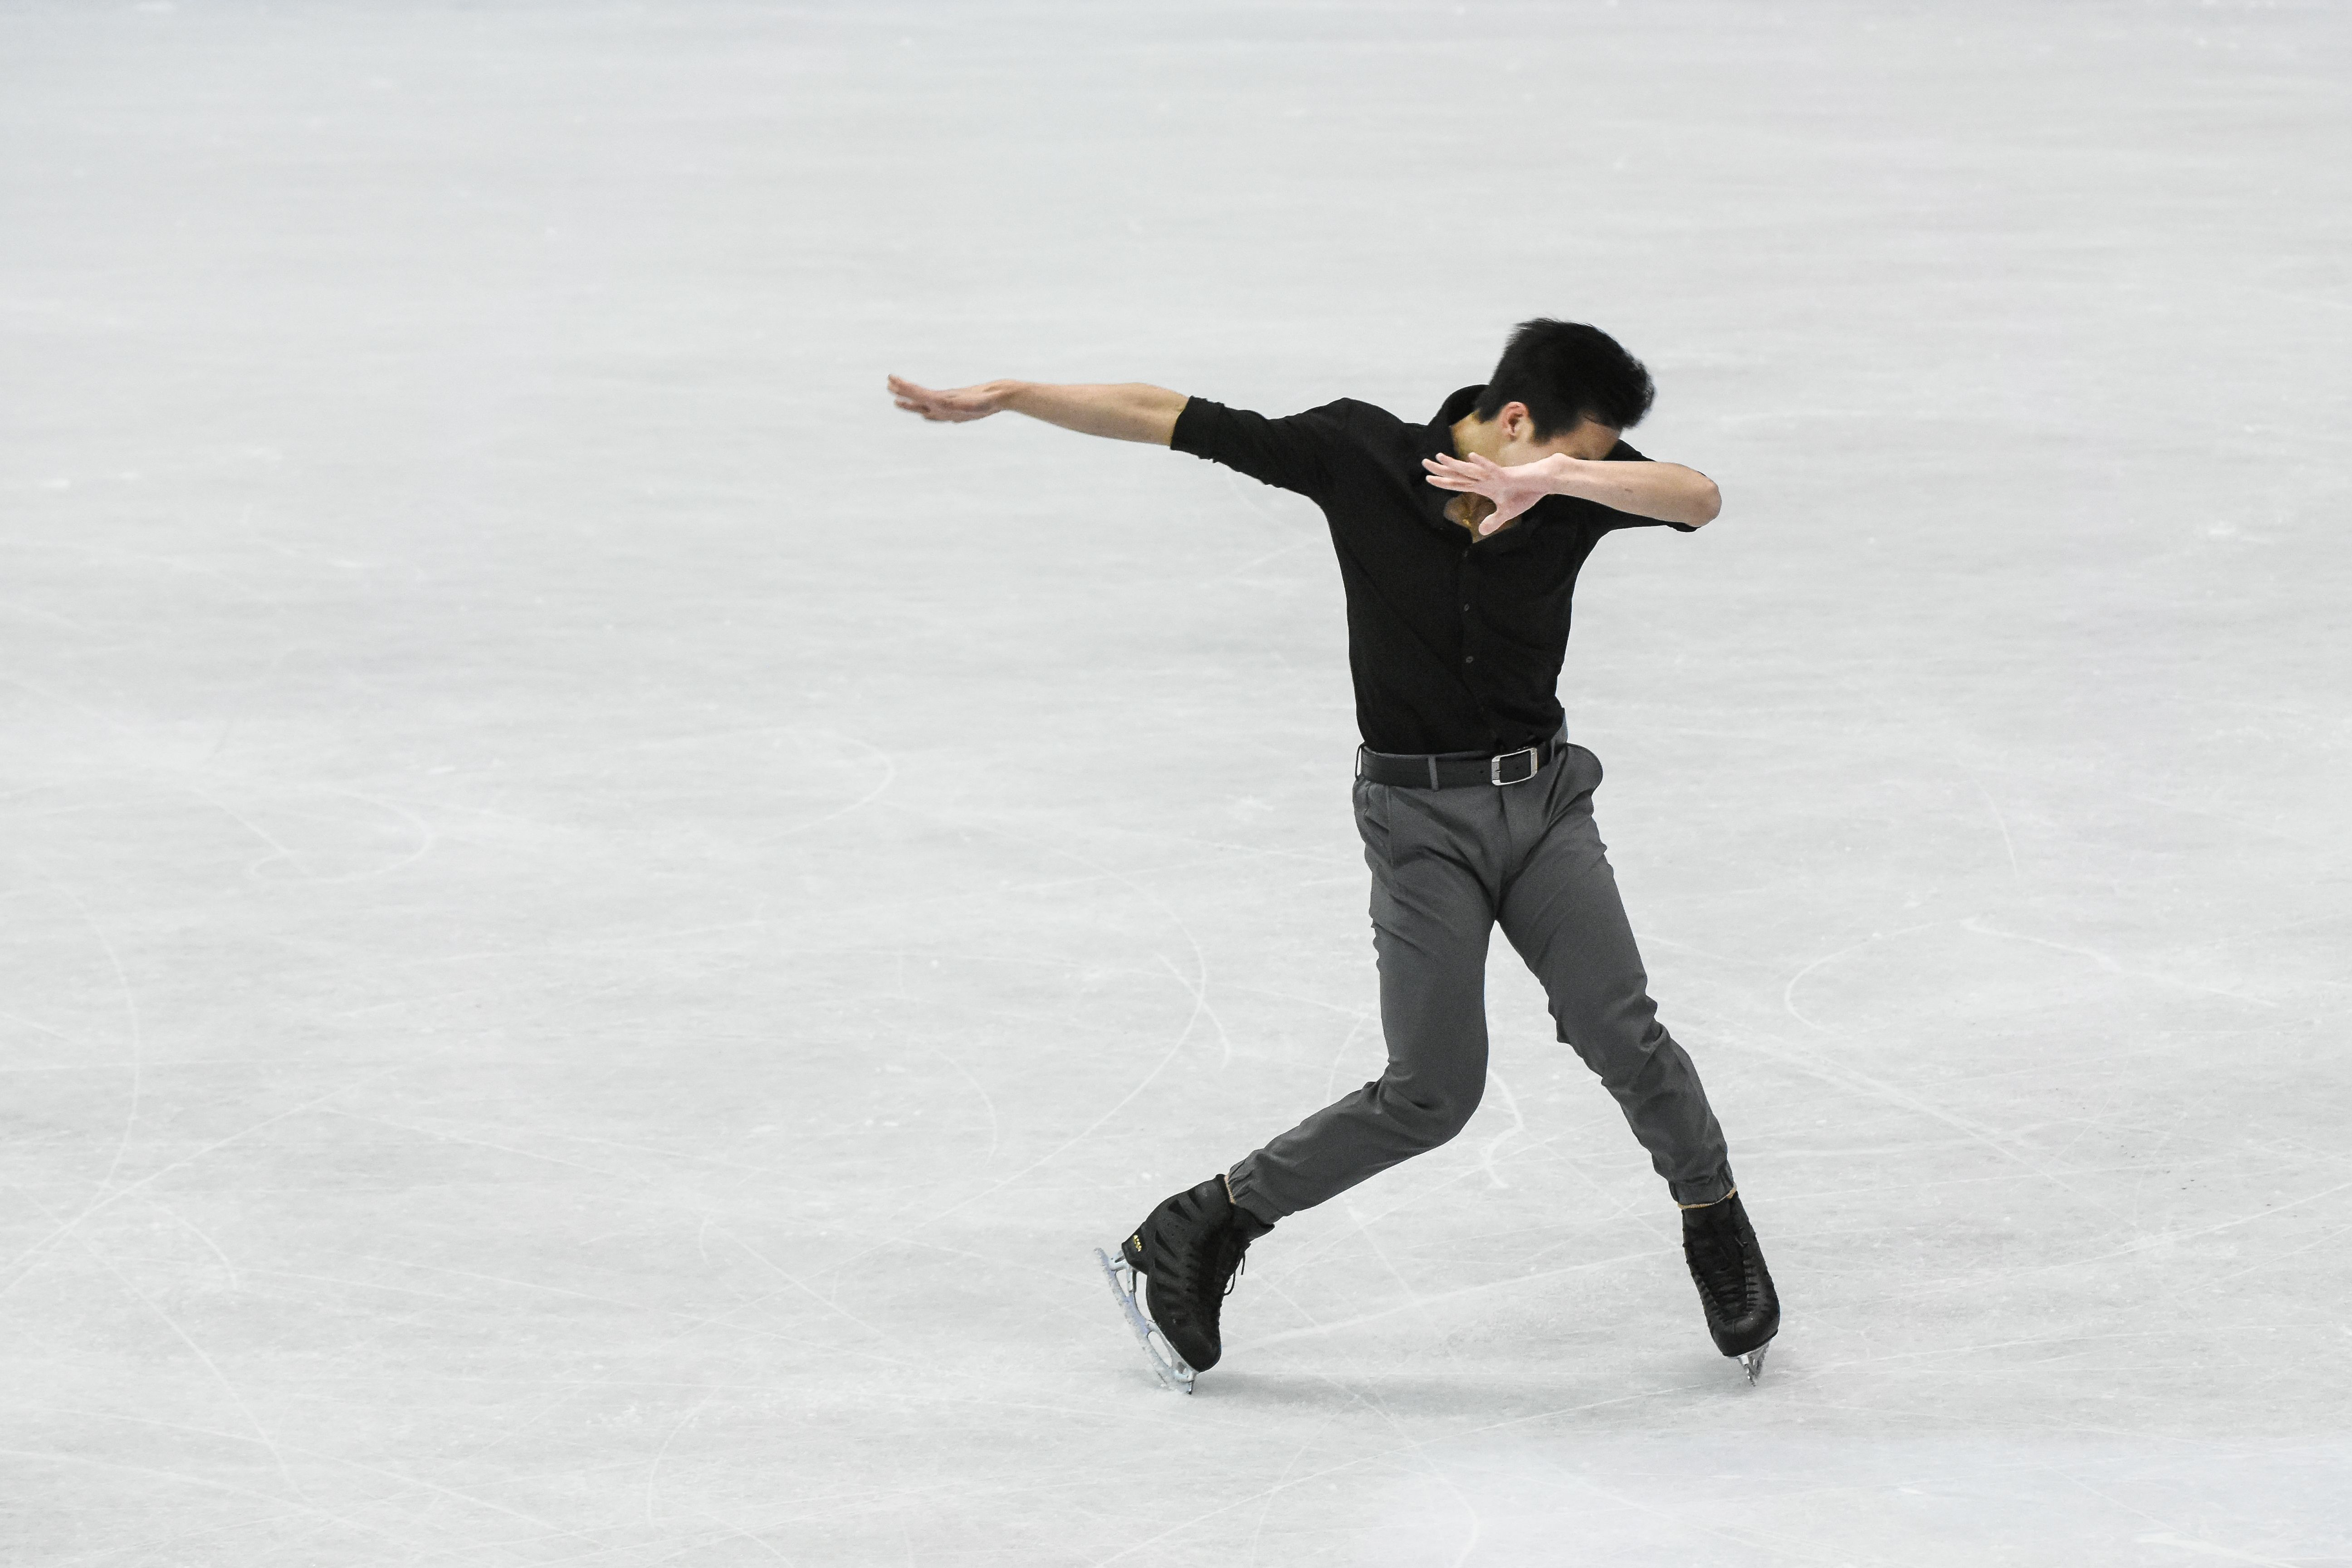 四大洲花式滑冰錦標賽男子長曲馬來西亞茹自傑Julian Zhi Jie Yee。 (圖/記者林敬旻攝)